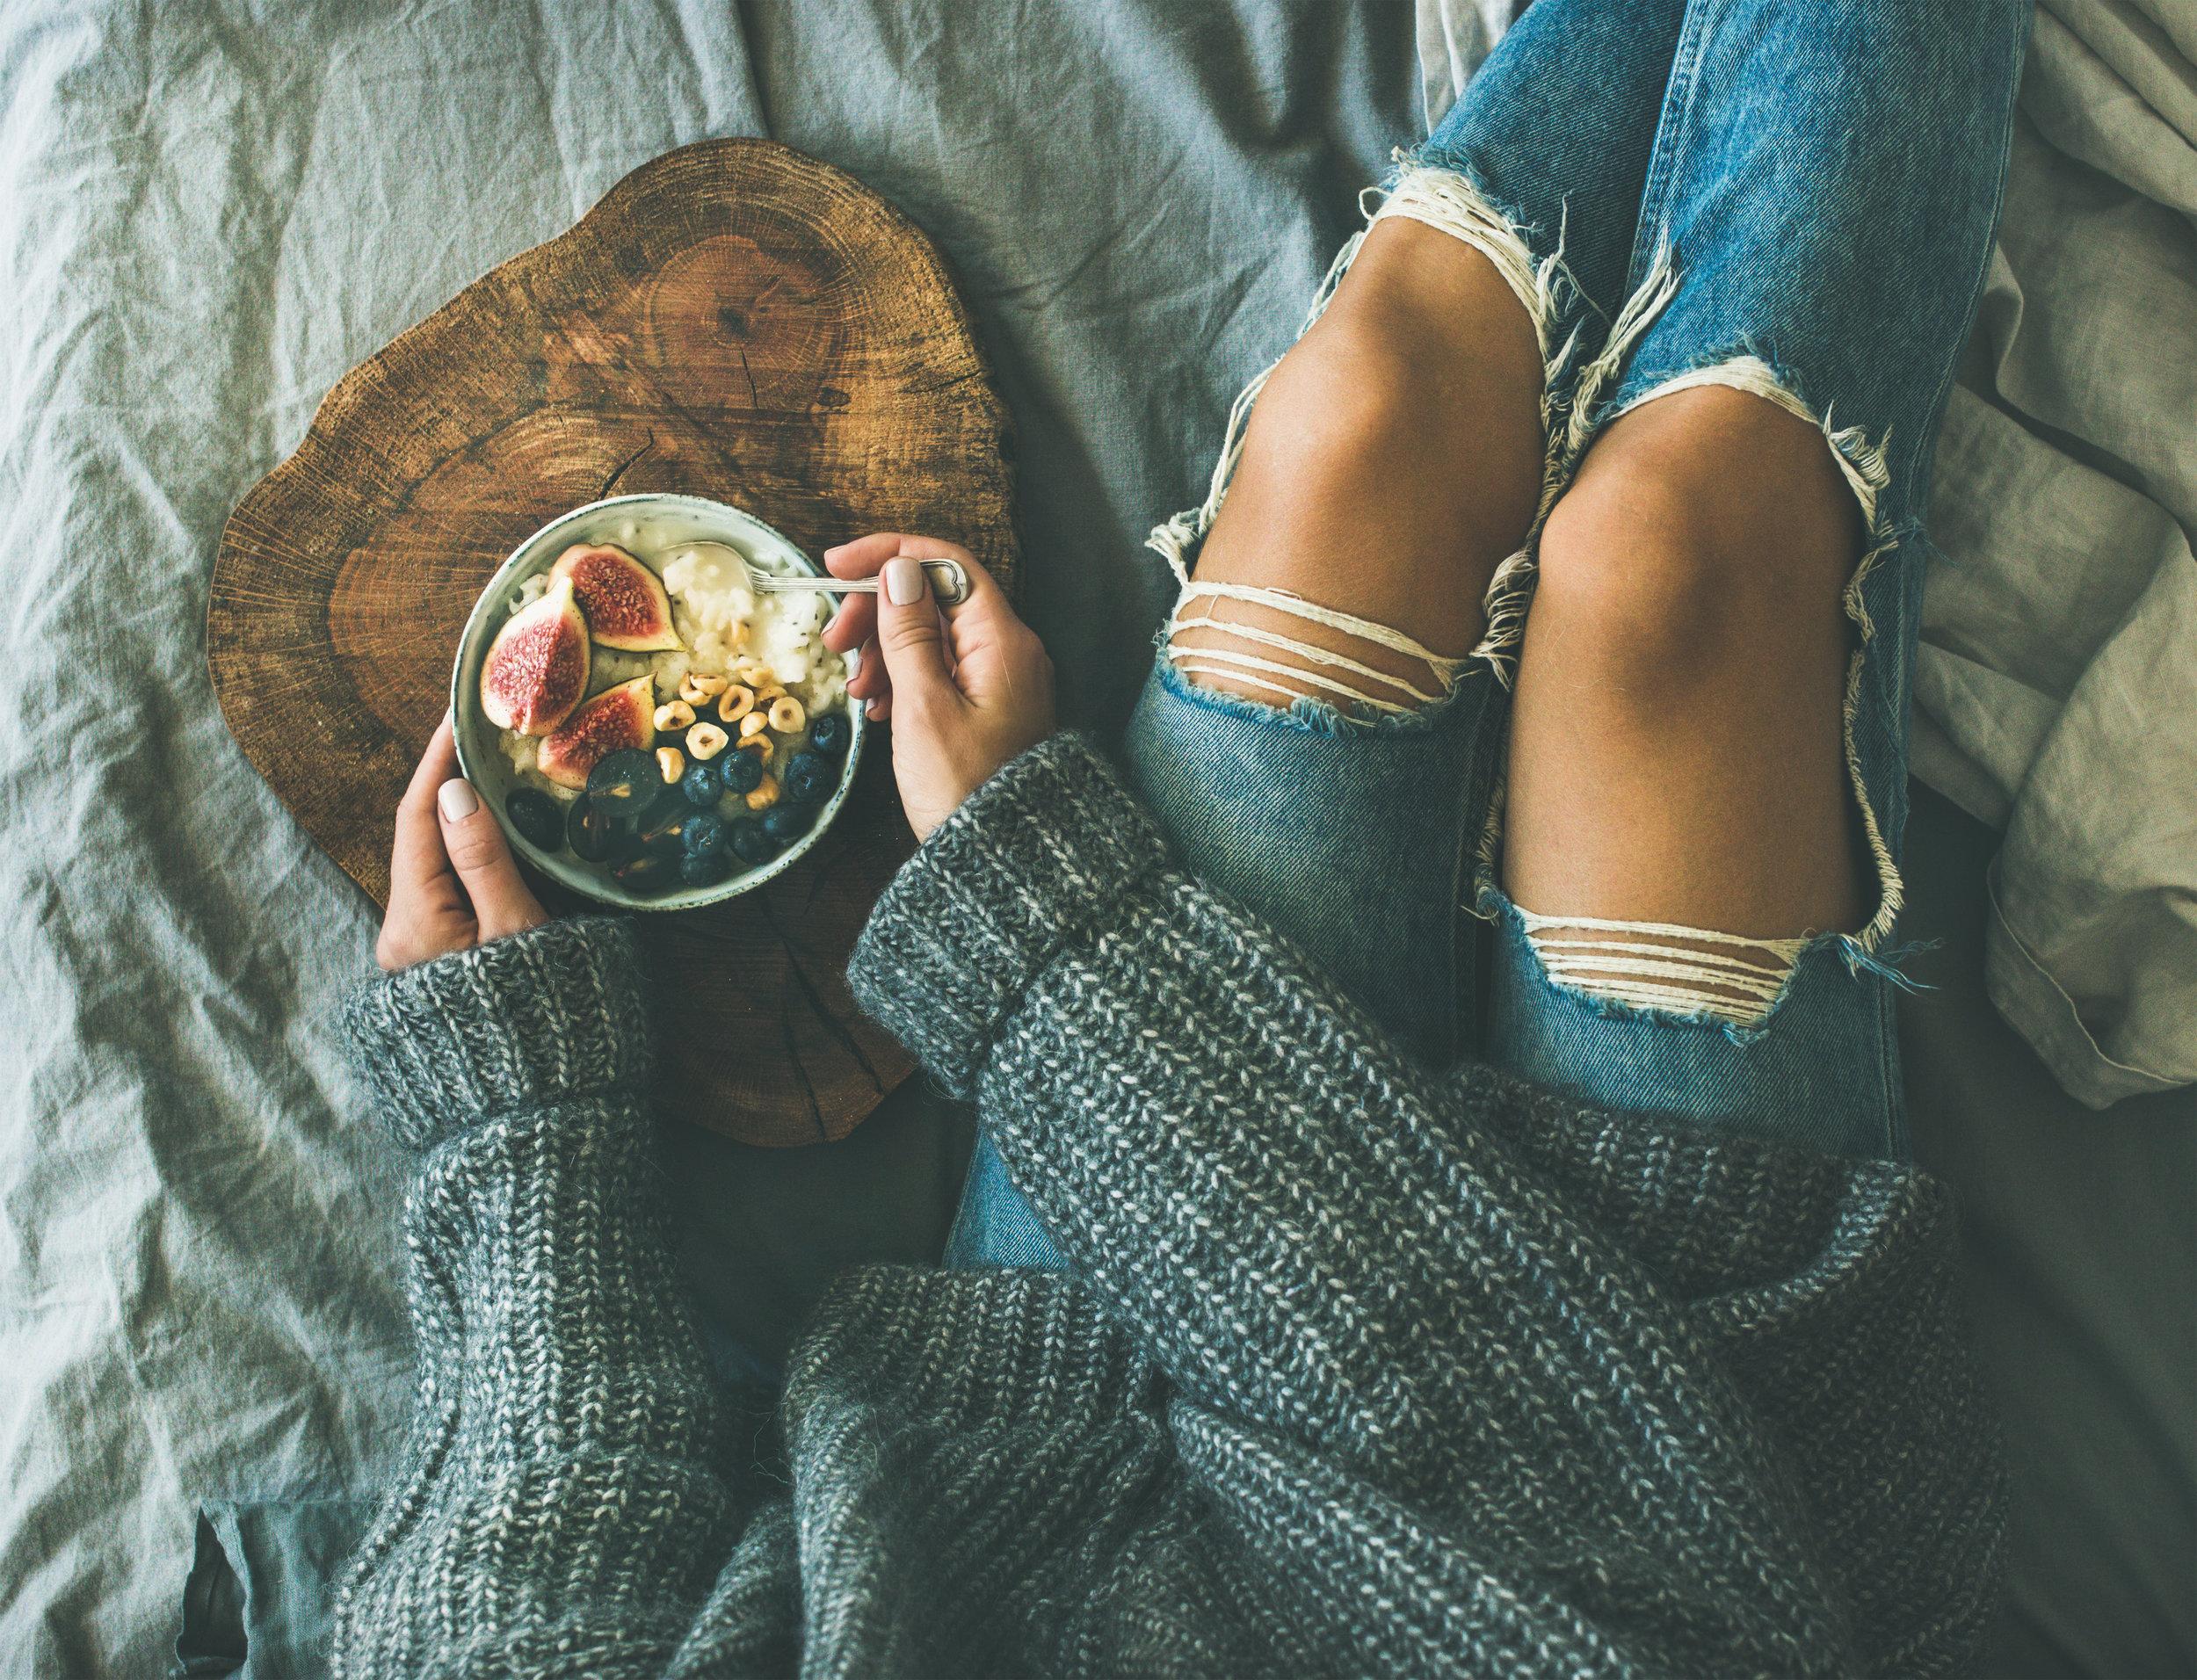 healthy-winter-breakfast-in-bed-concept-top-view-PXGMCS8.jpg